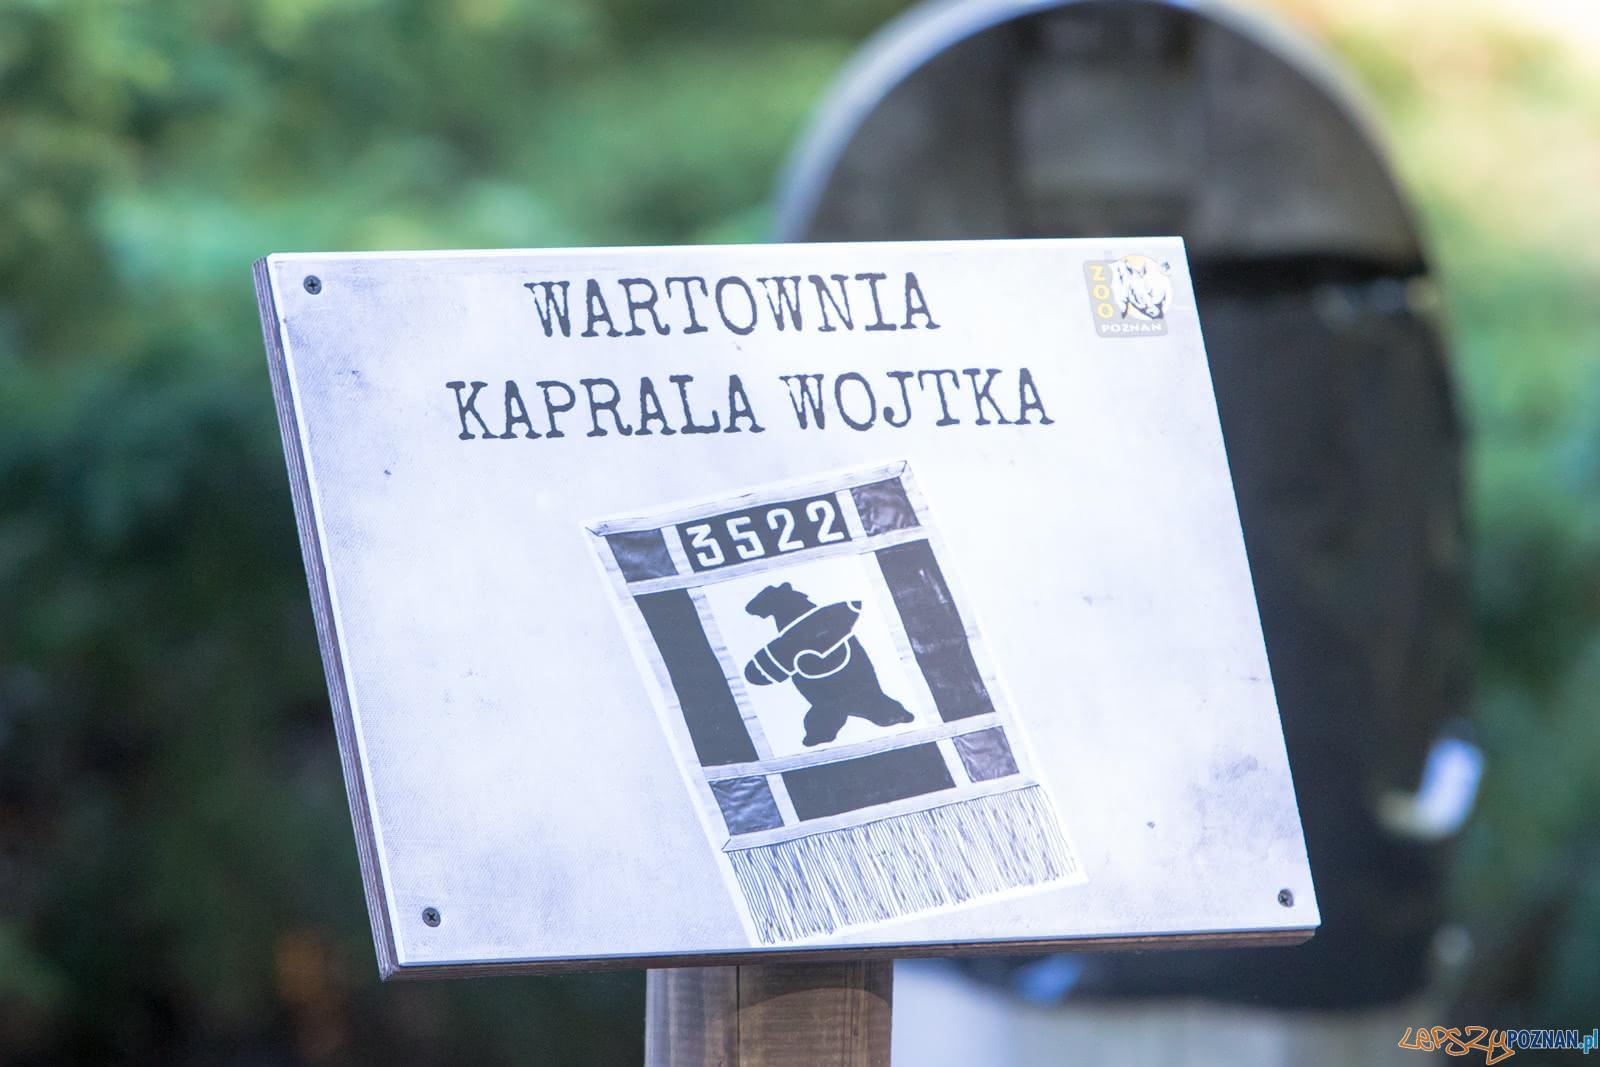 Wartownia Kaprala Wojtka  Foto: lepszyPOZNAN.pl/Piotr Rychter